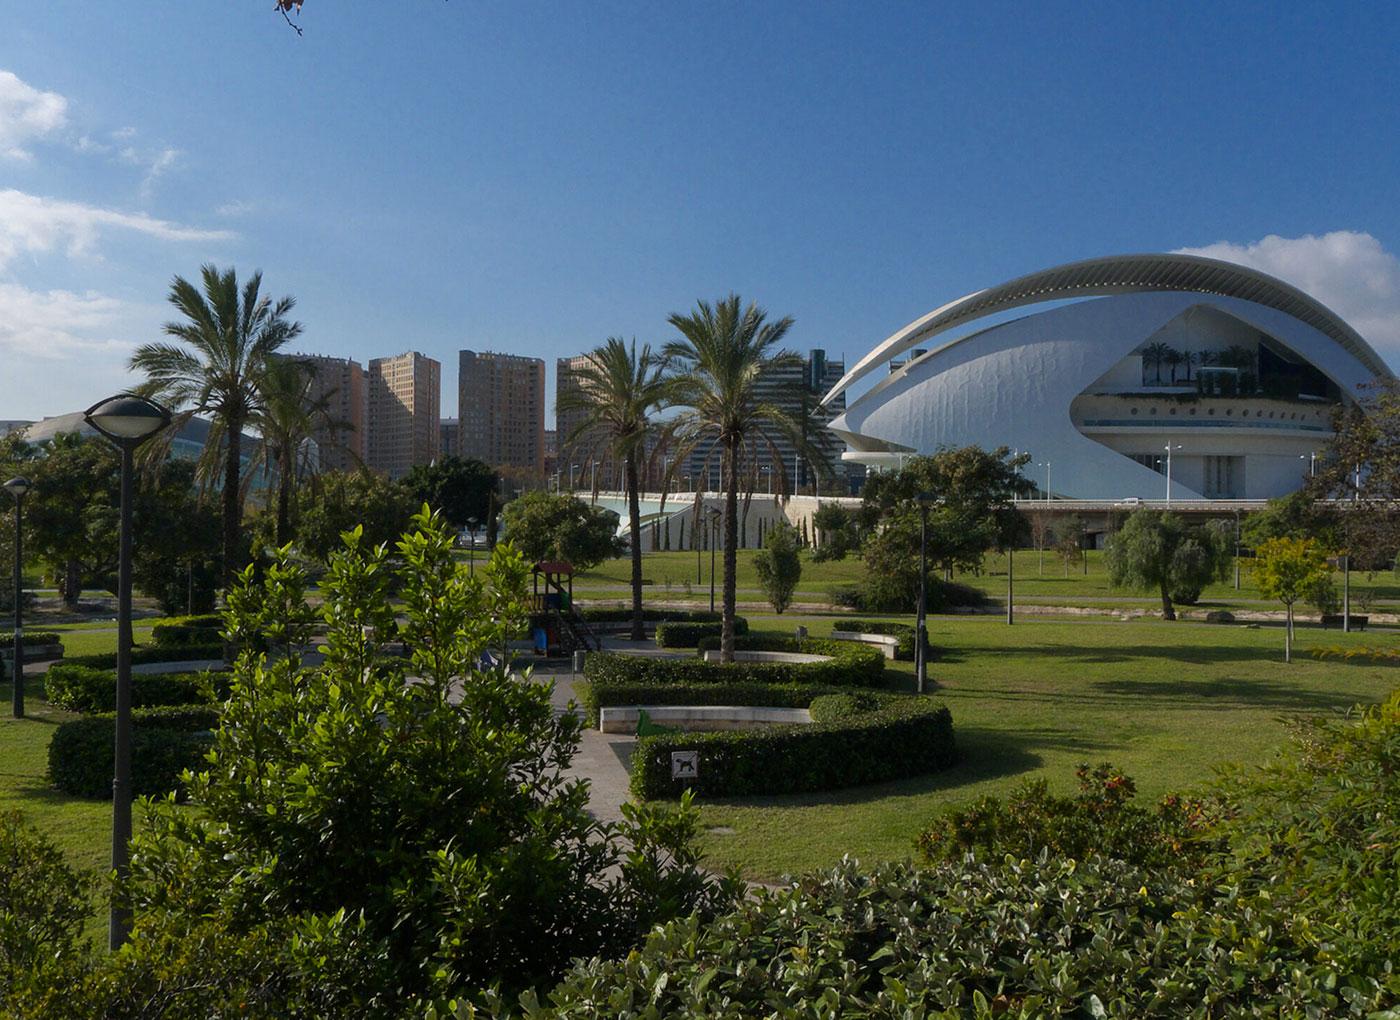 jardines-ciudadela-valencia-7